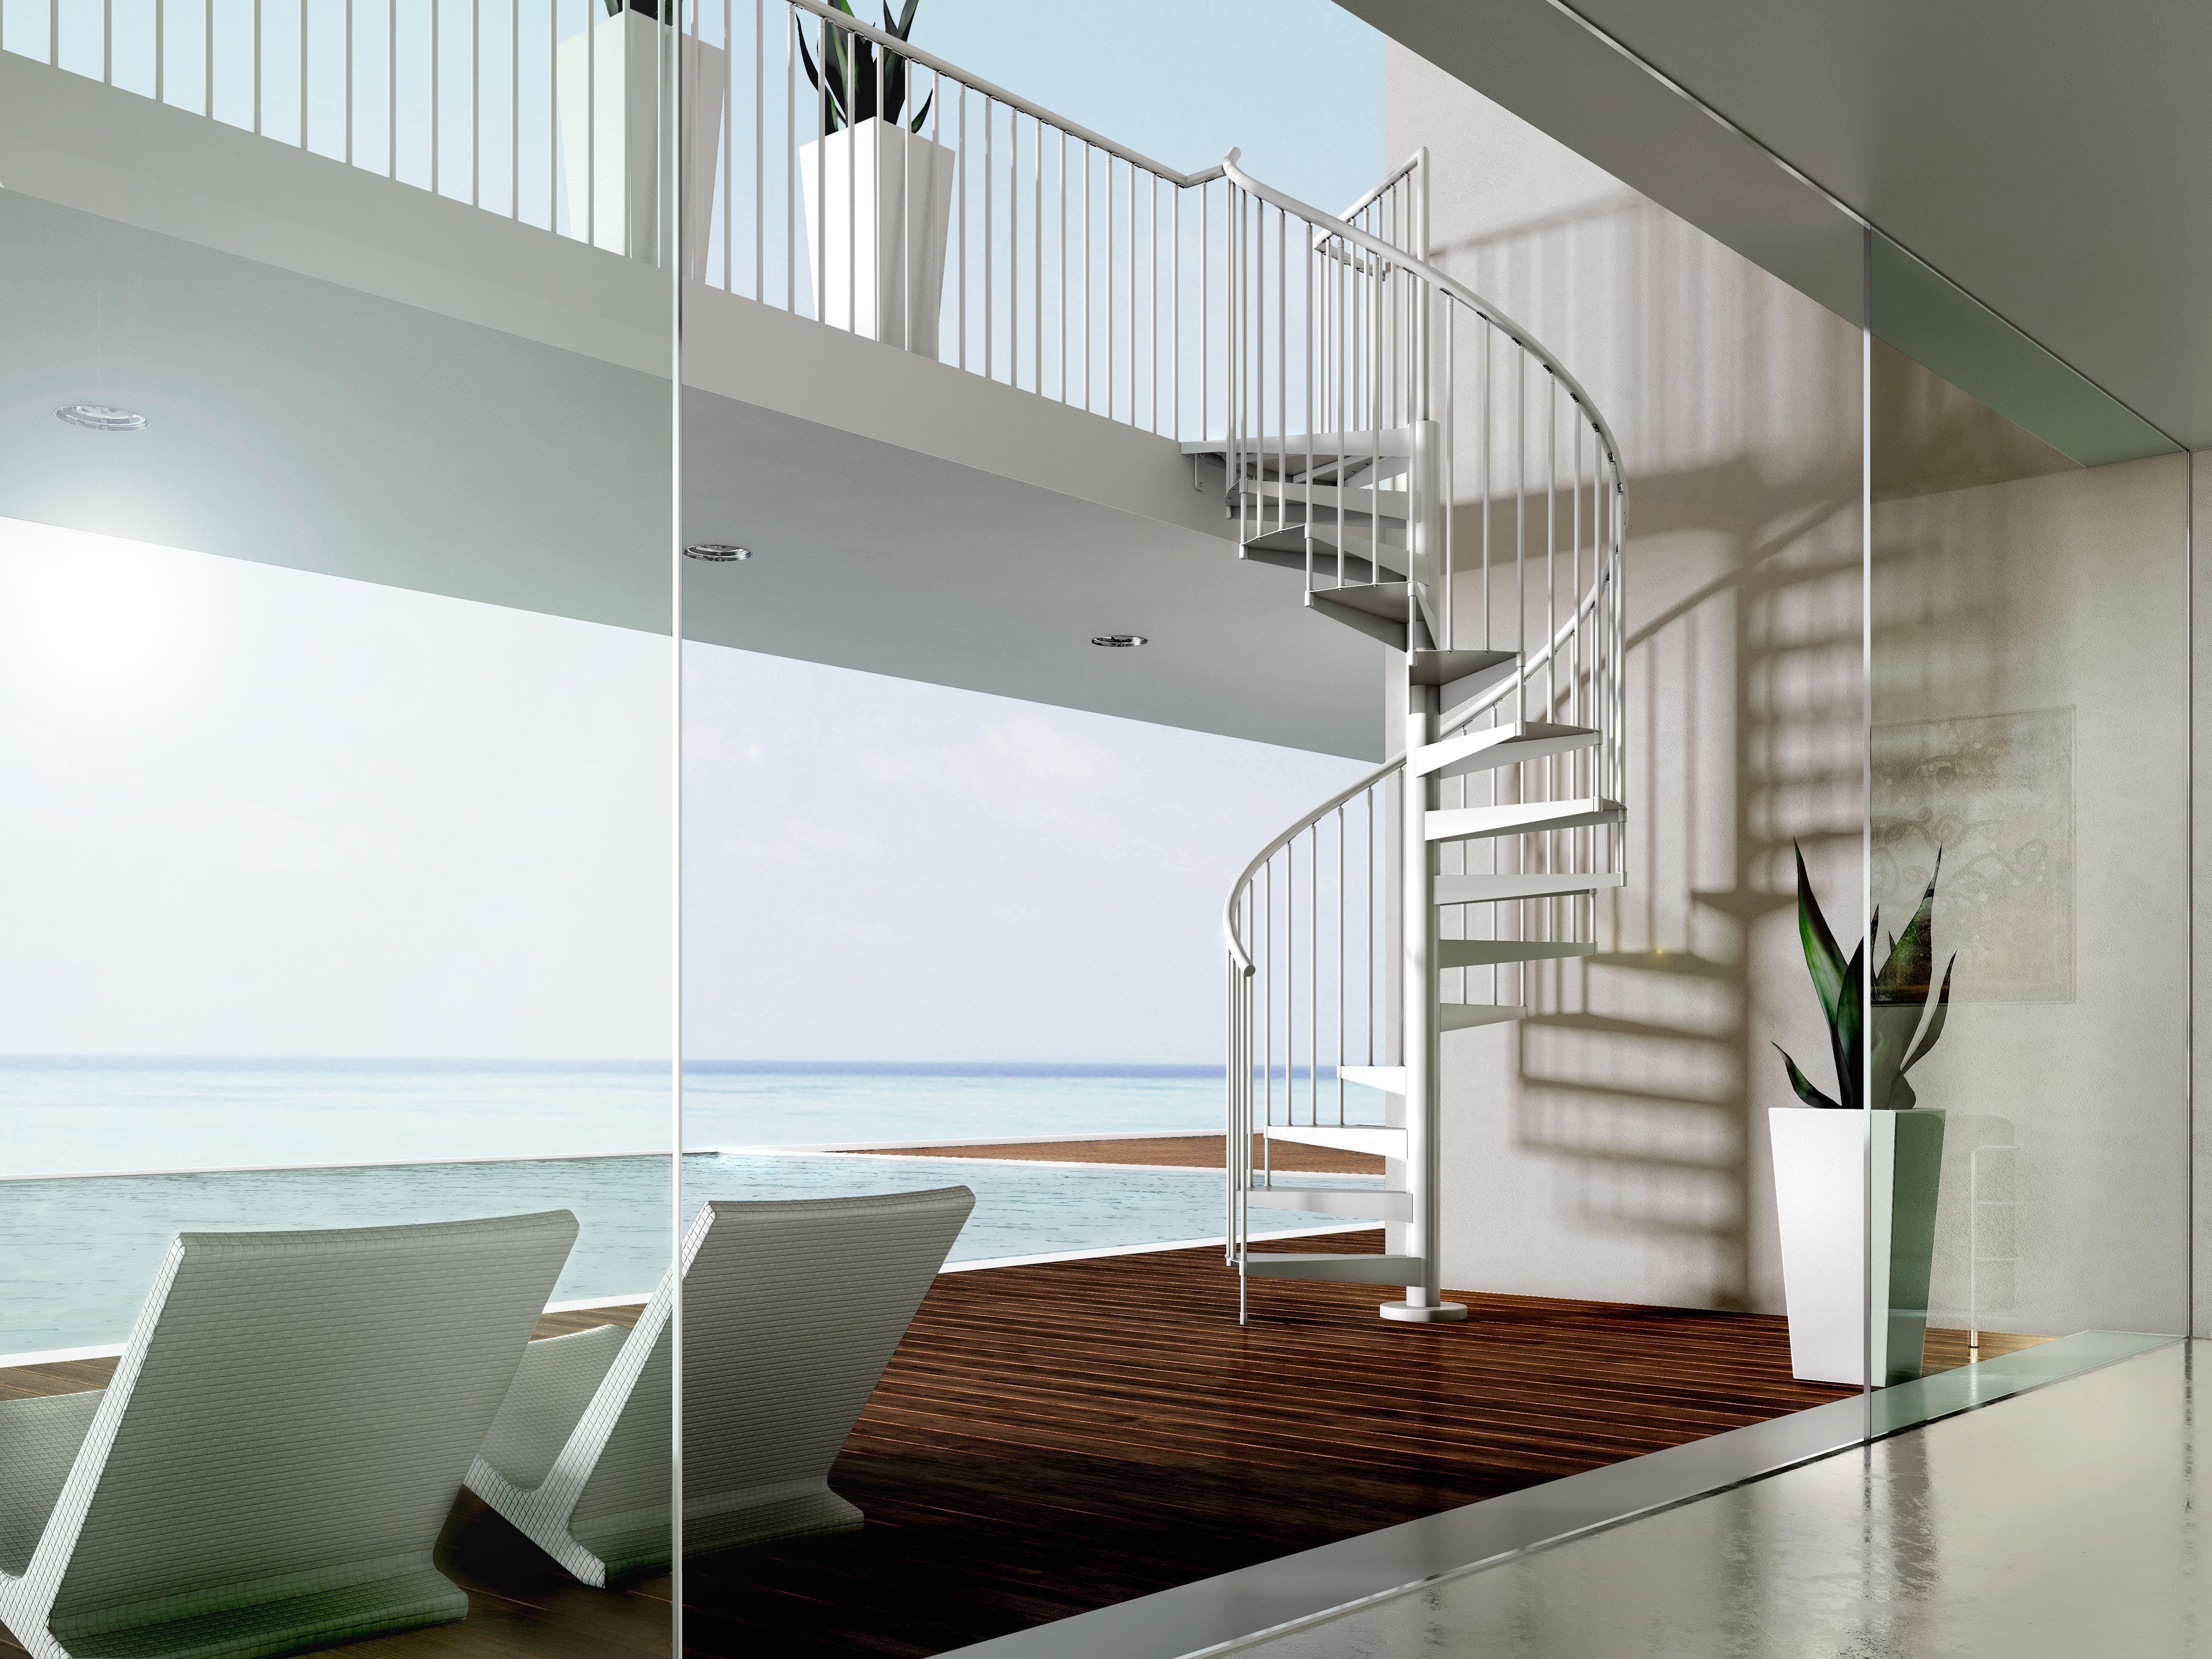 ventajas de las escaleras de caracol tanto de madera como metlicas escaleras pinterest escalera de caracol escalera y escaleras de interiores